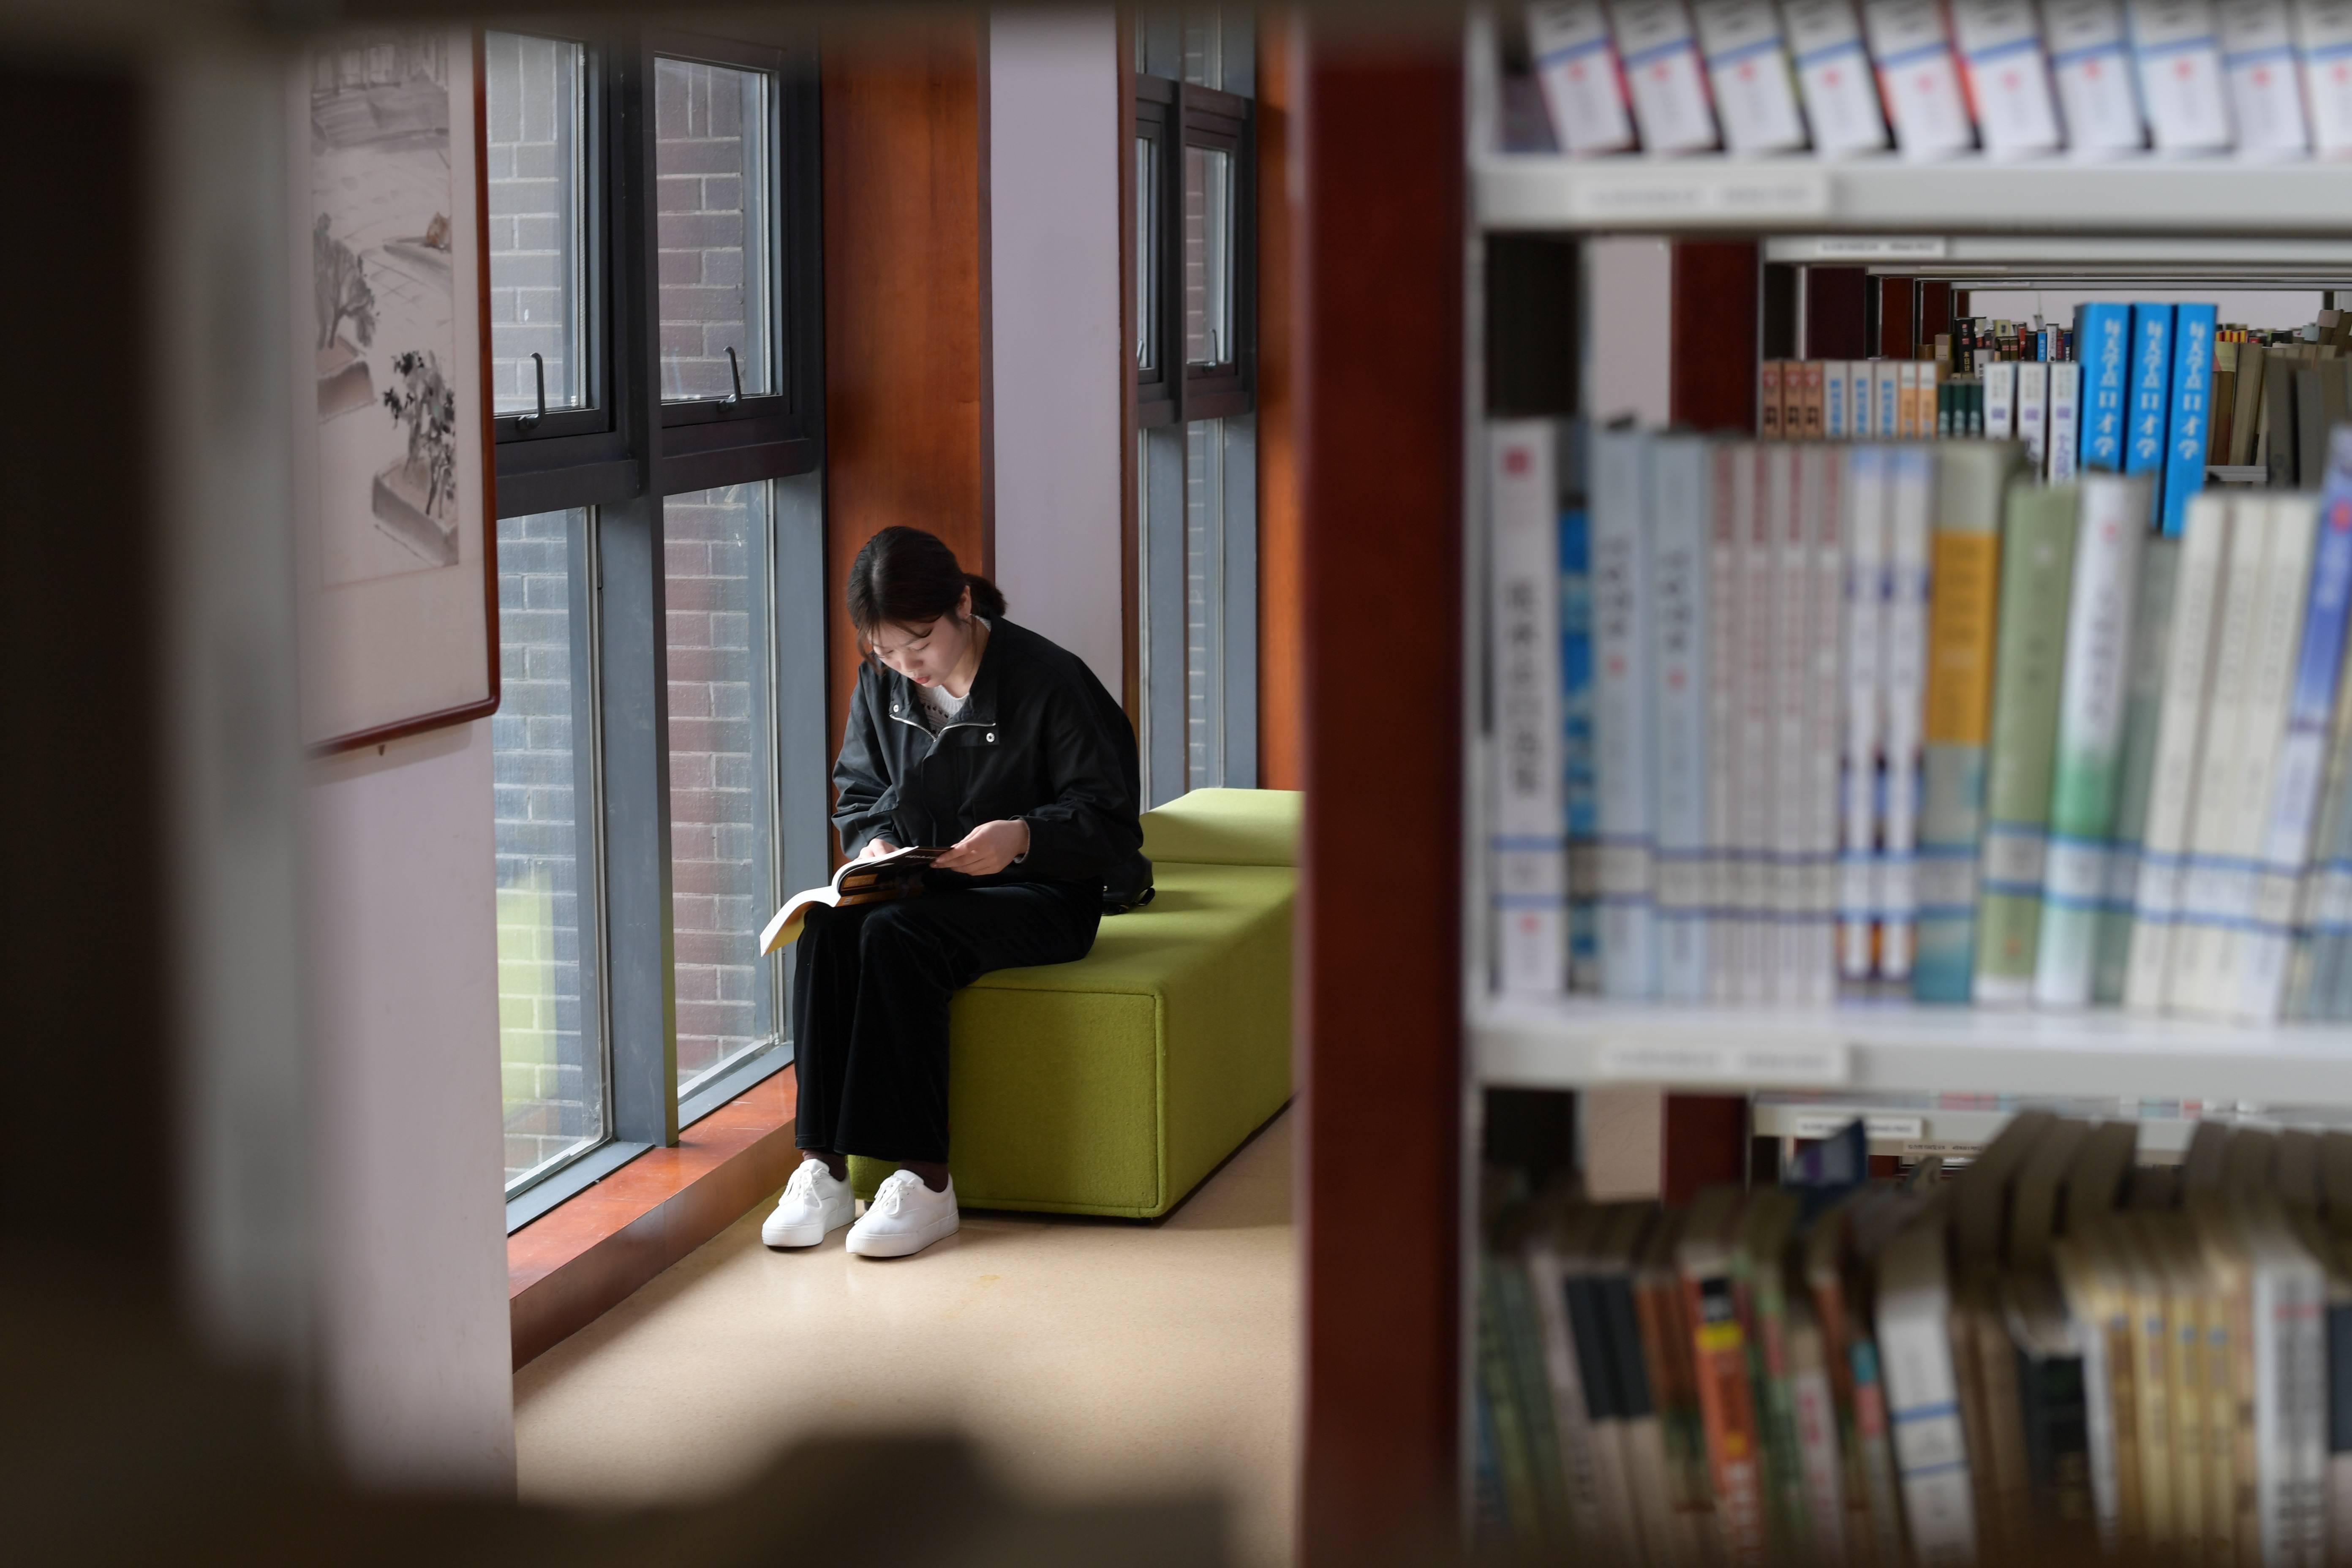 贵州播州:图书馆提档升级丰富群众精神文化生活